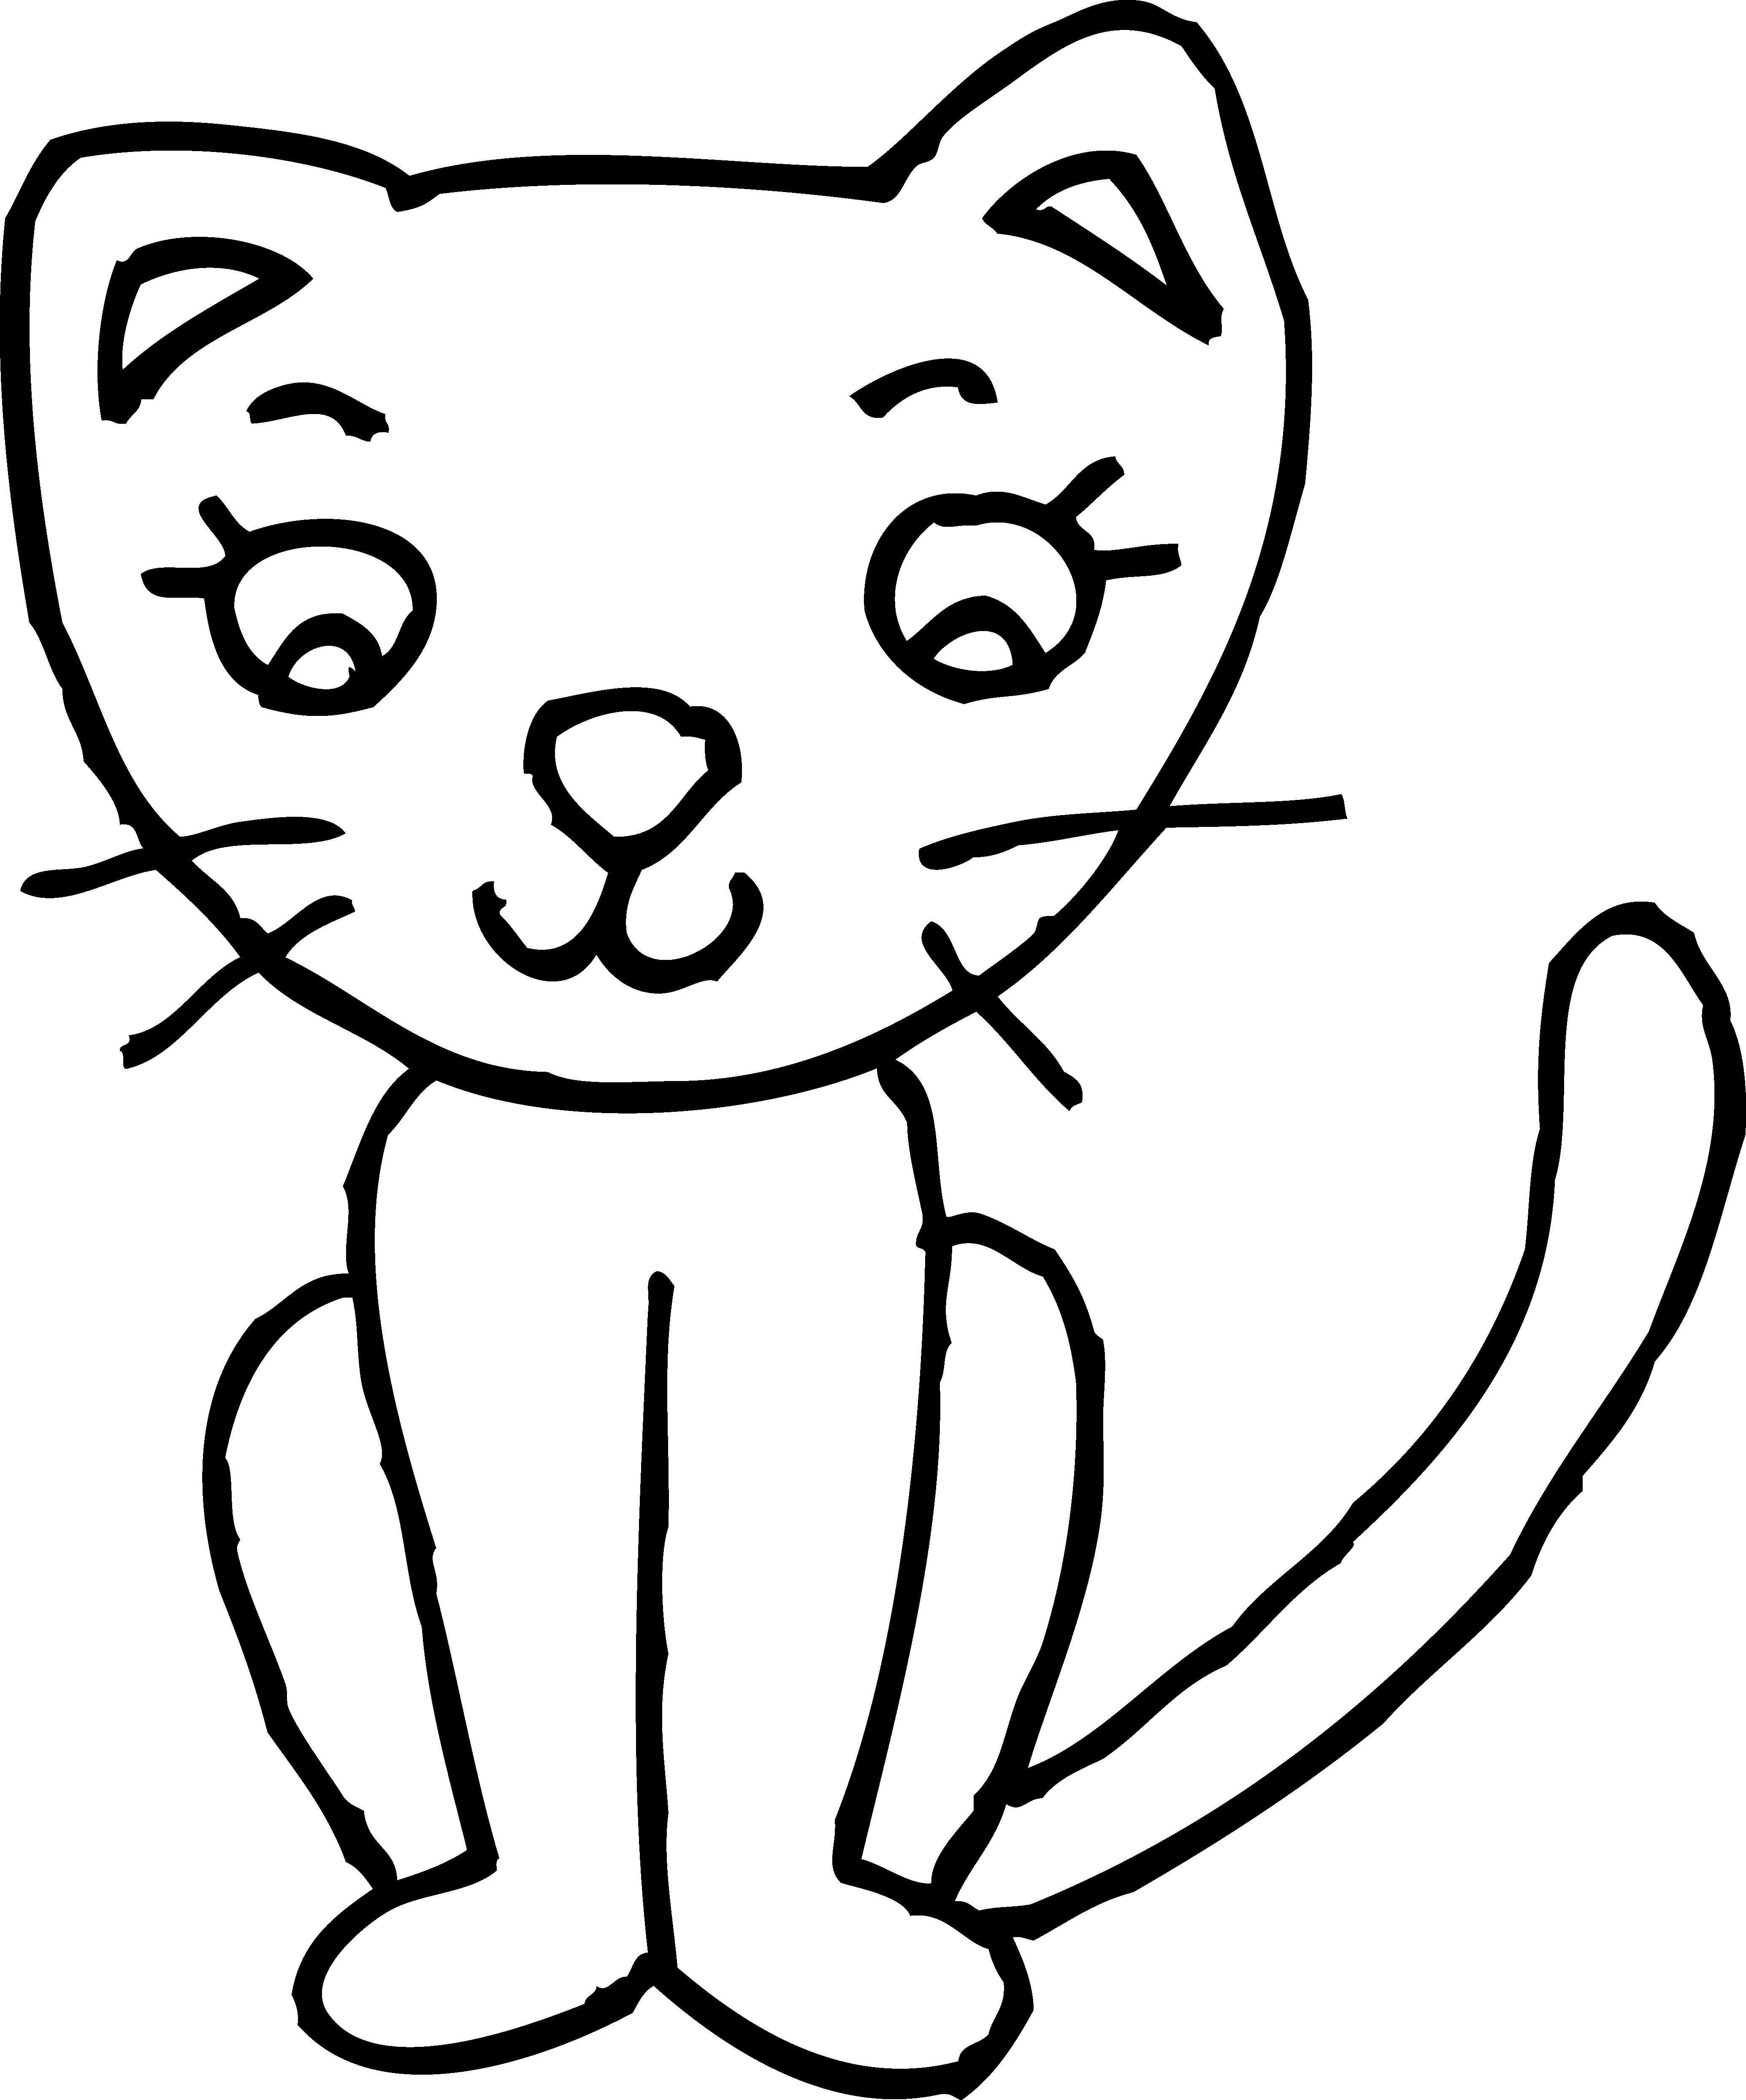 Cat - Cat Clipart